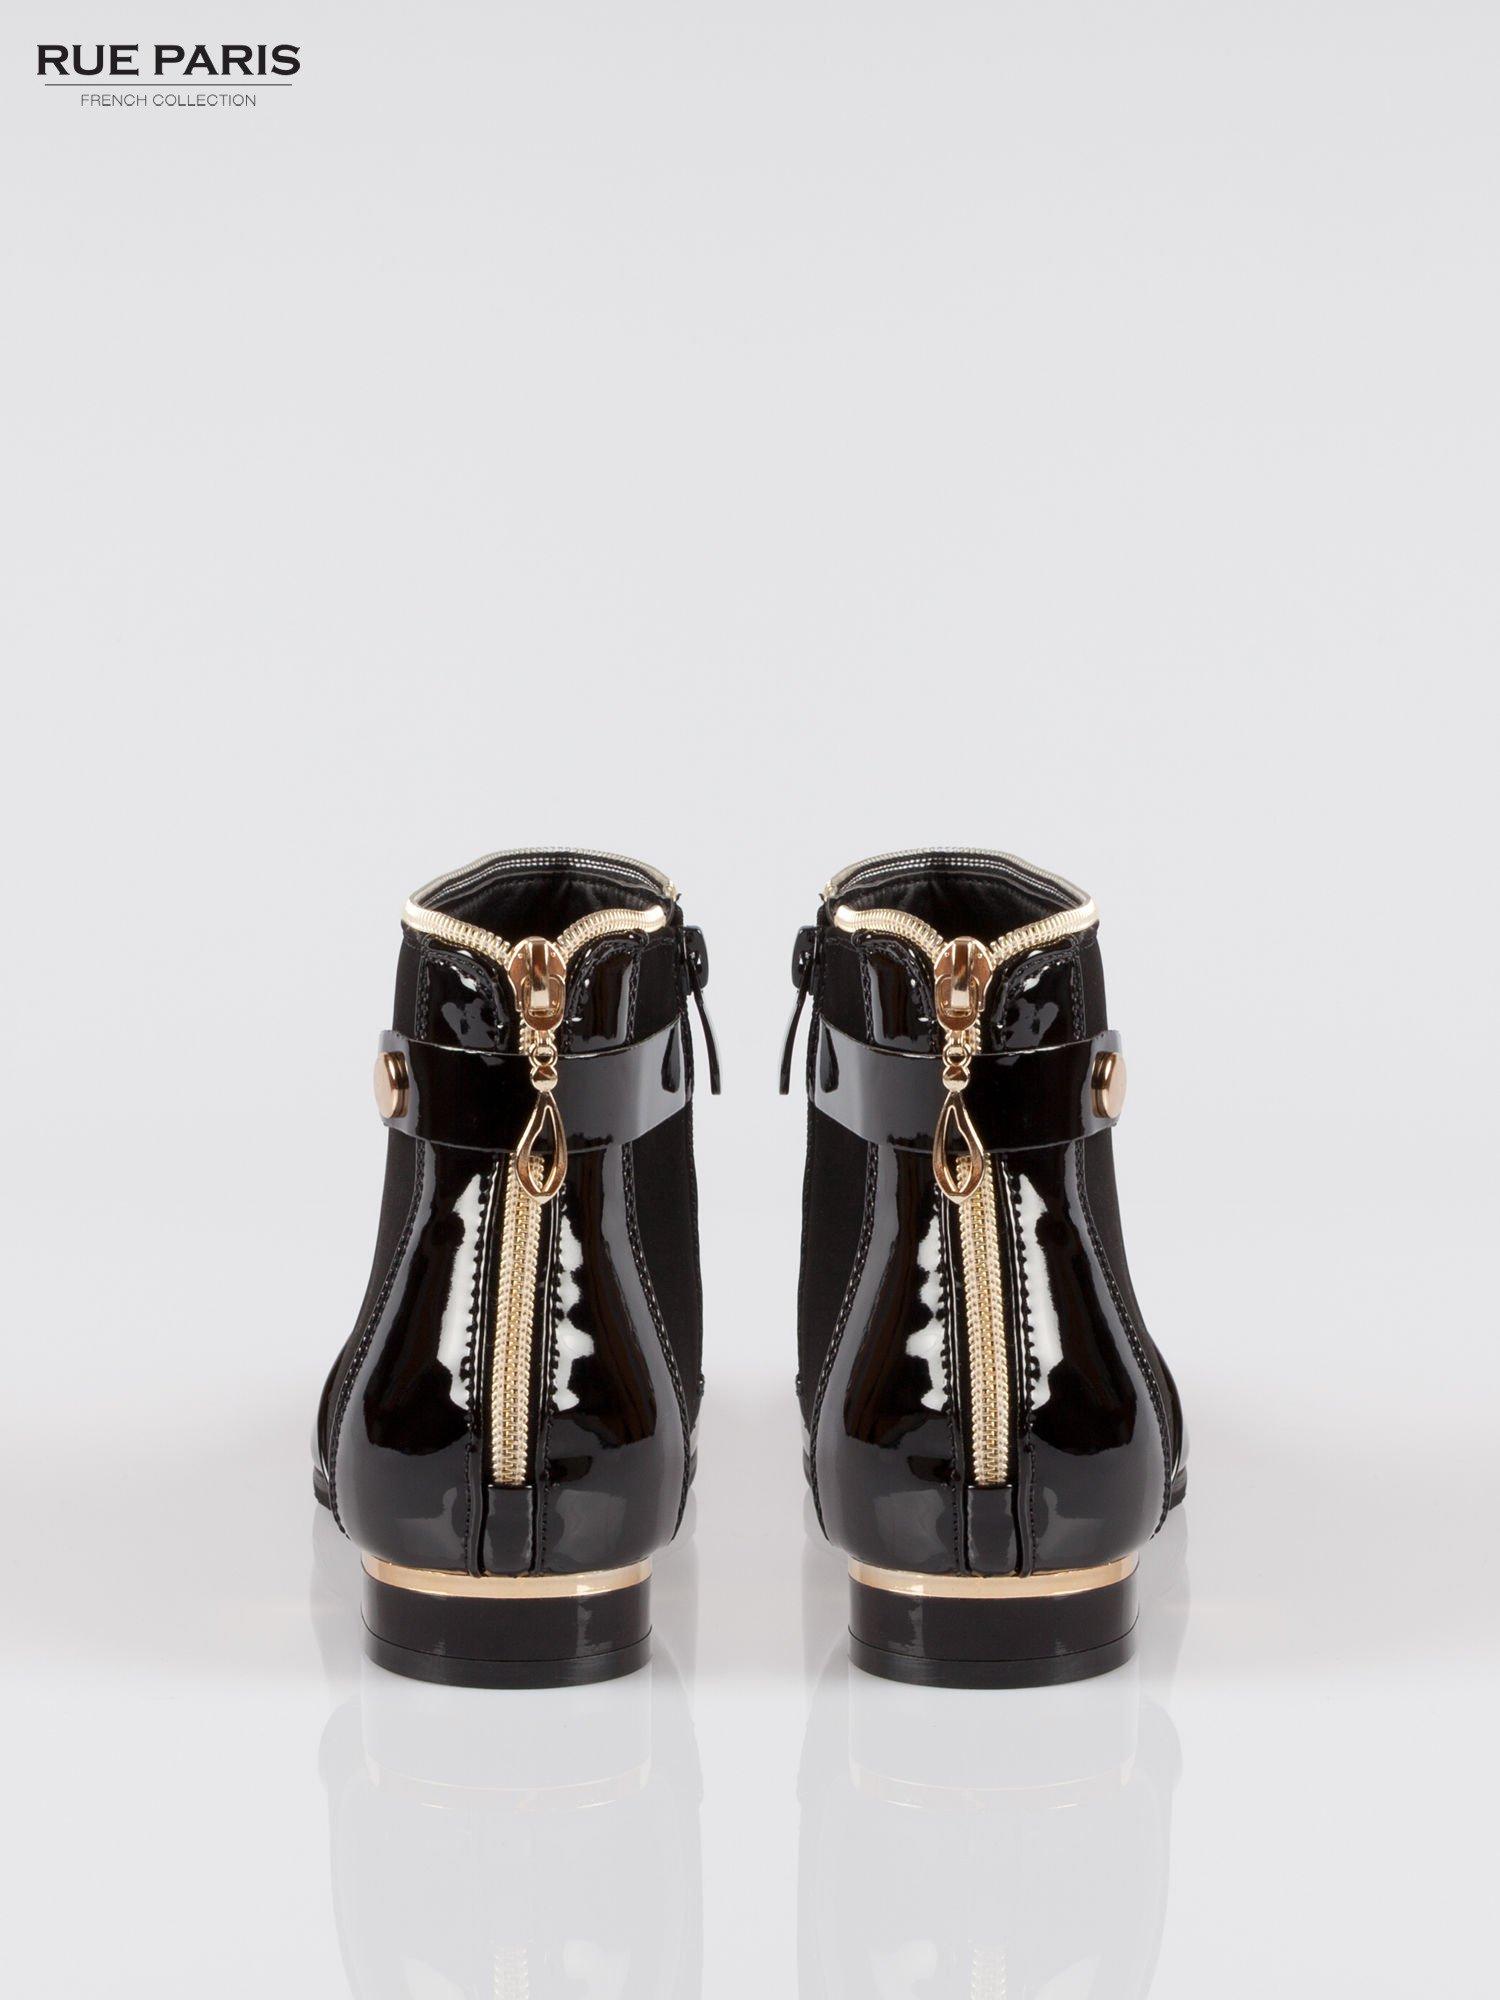 Czarne zamszowo-lakierowane botki z złotymi detalami                                  zdj.                                  2